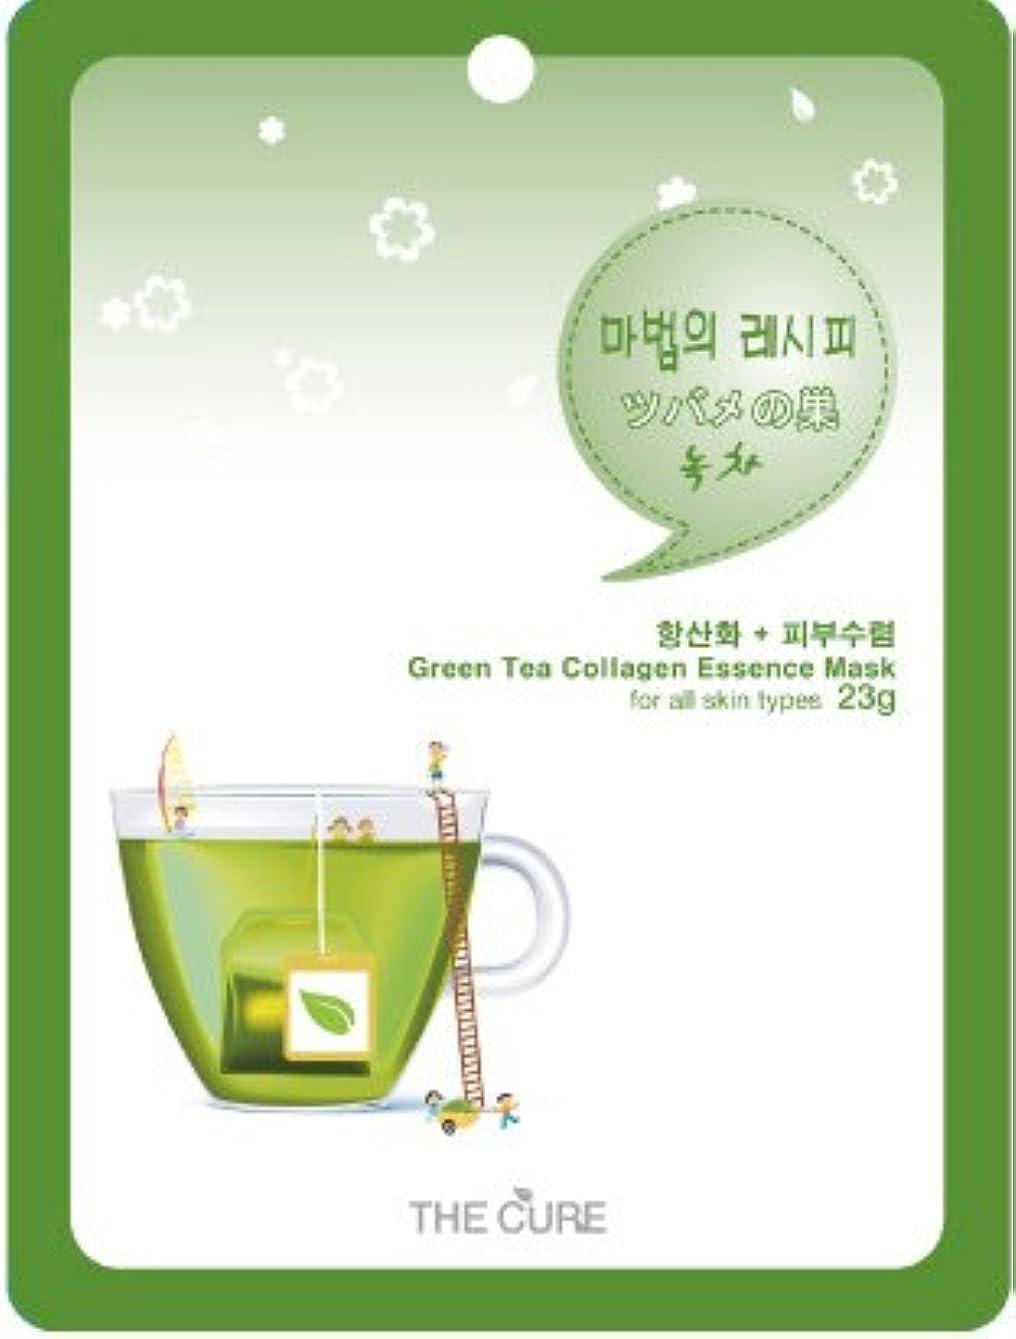 可決系譜震え緑茶 コラーゲン エッセンス マスク THE CURE シート パック 10枚セット 韓国 コスメ 乾燥肌 オイリー肌 混合肌